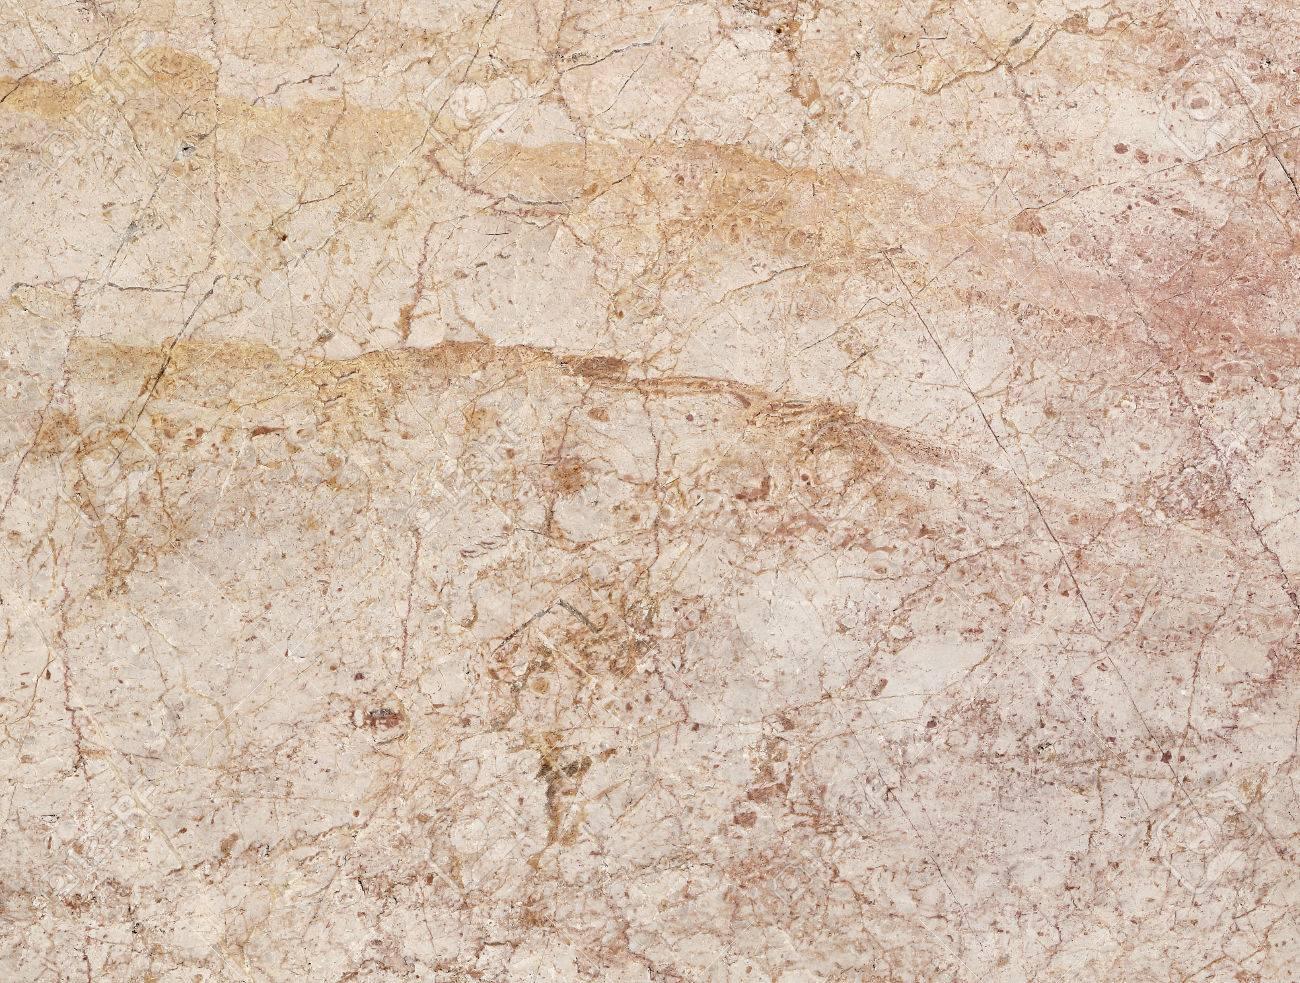 Senza soluzione di continuità texture morbida marmo beige foto